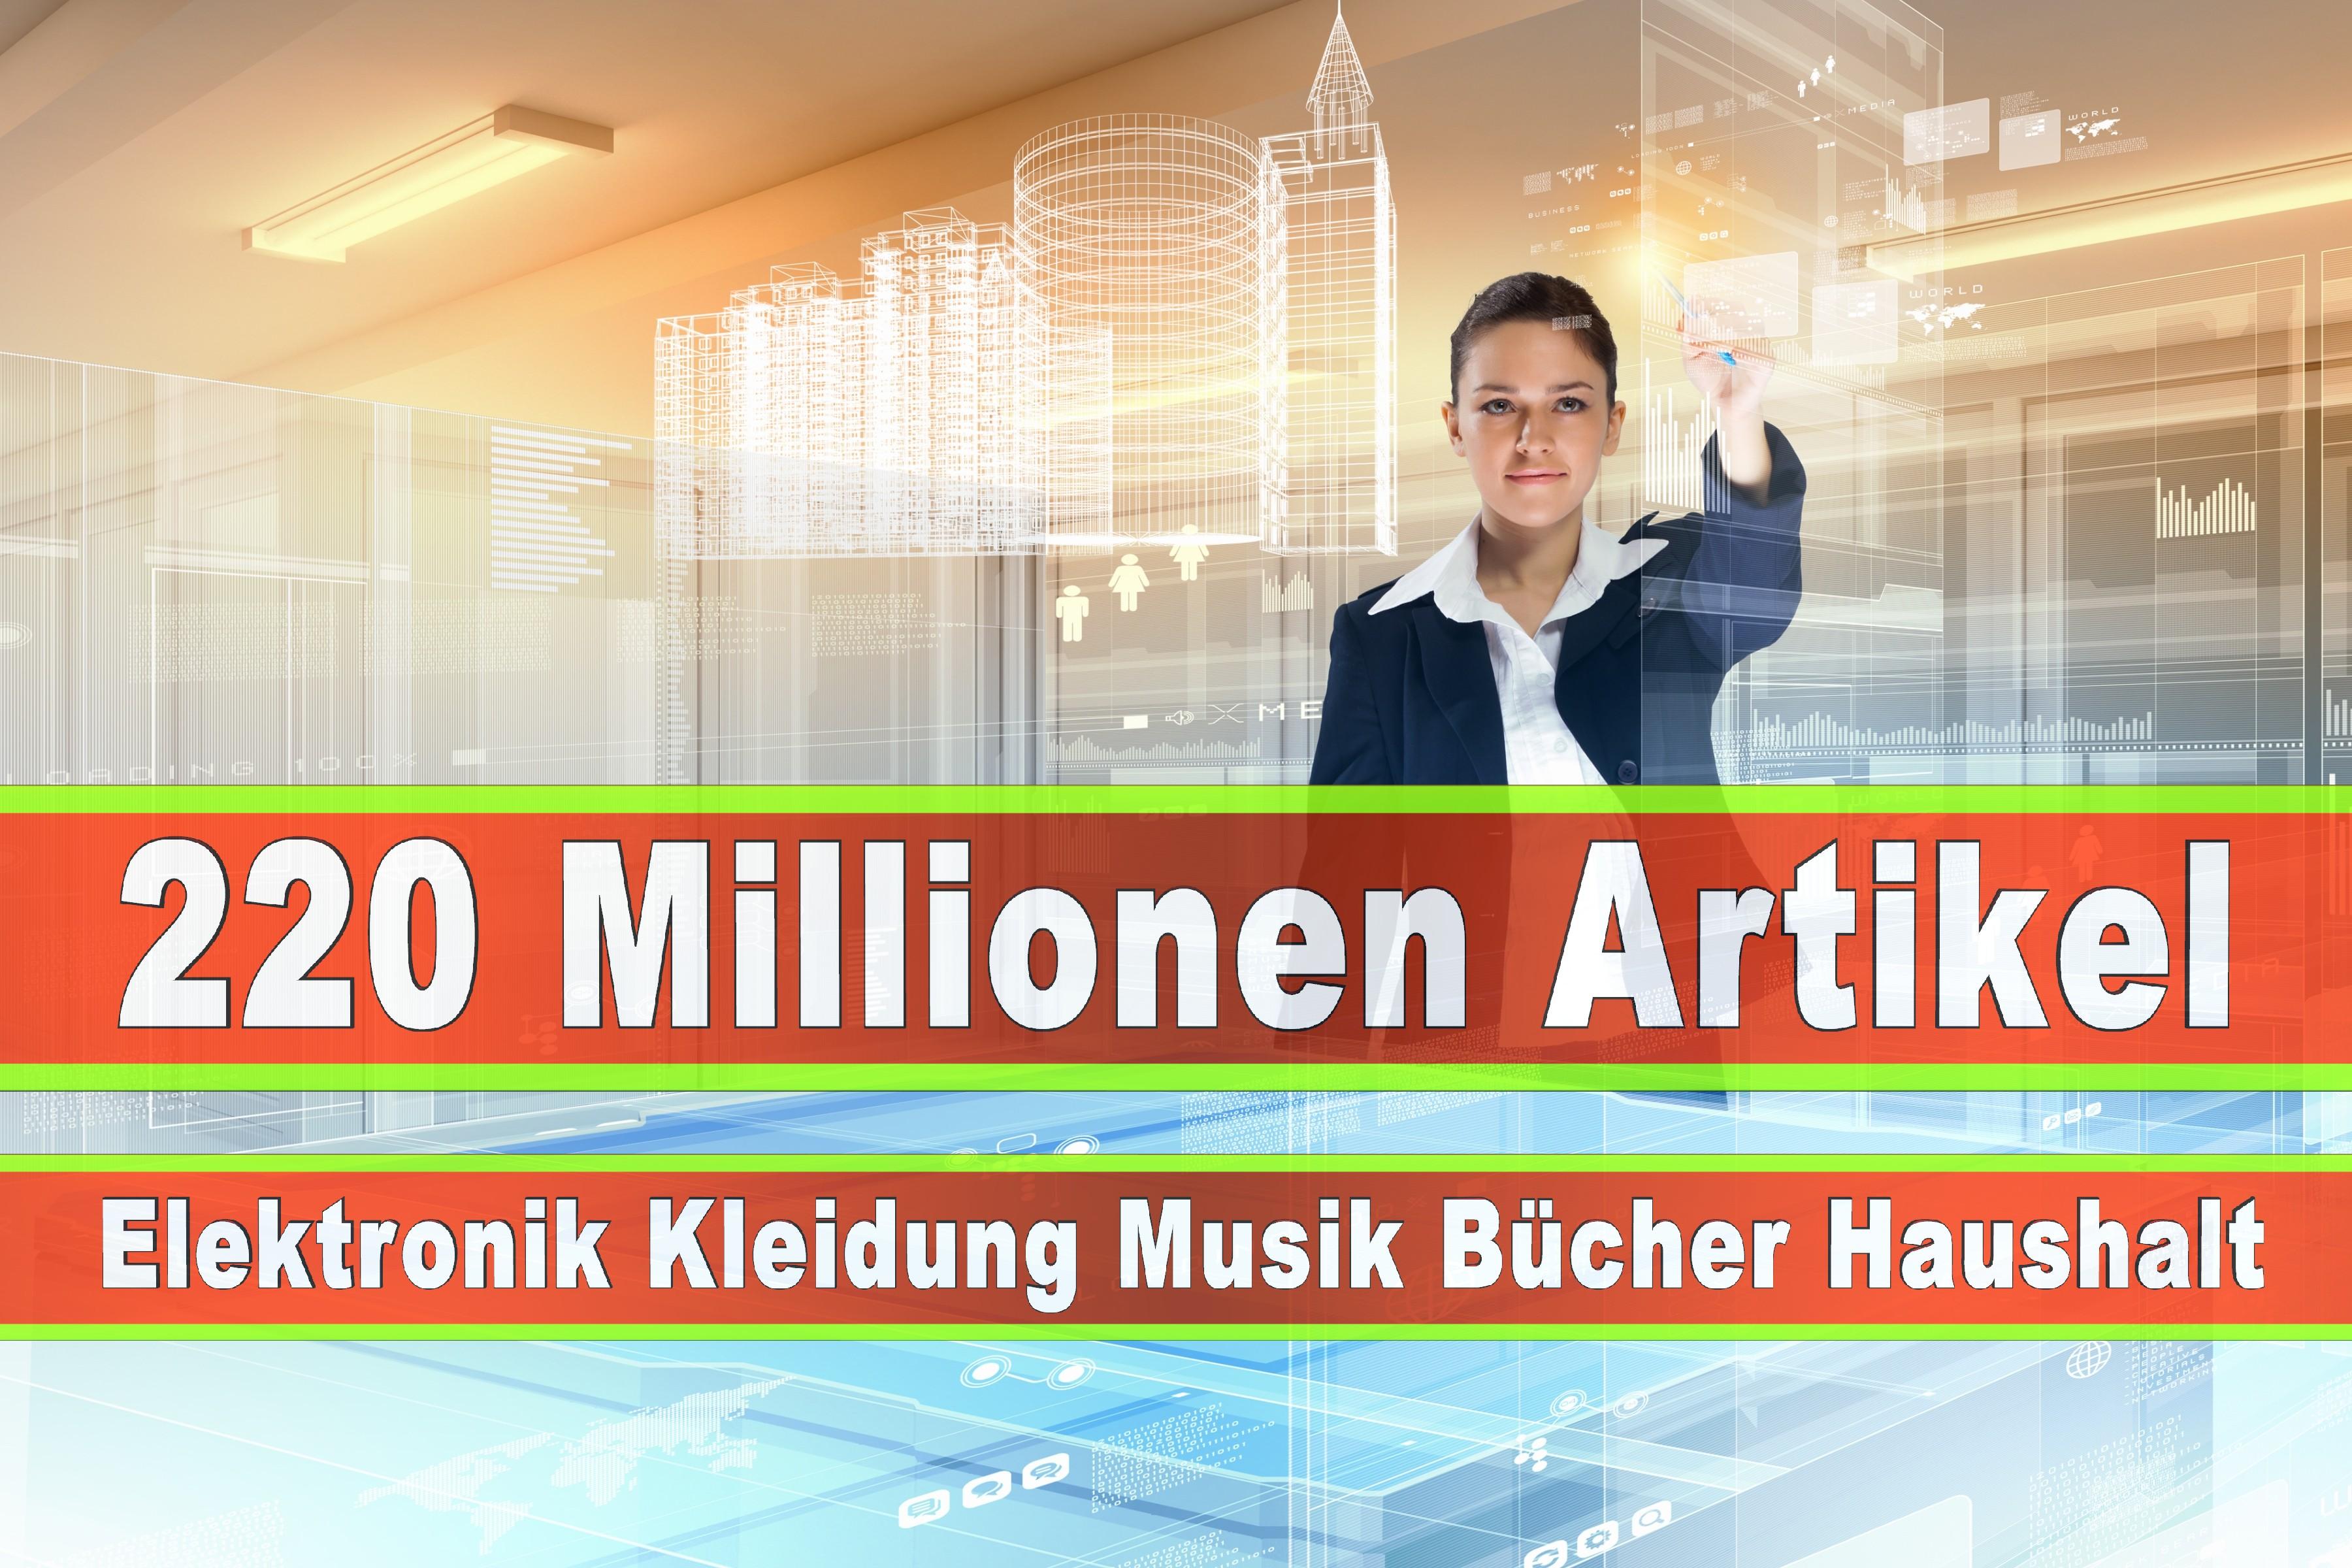 Amazon Elektronik Musik Haushalt Bücher CD DVD Handys Smartphones TV Television Fernseher Kleidung Mode Ebay Versandhaus (42)